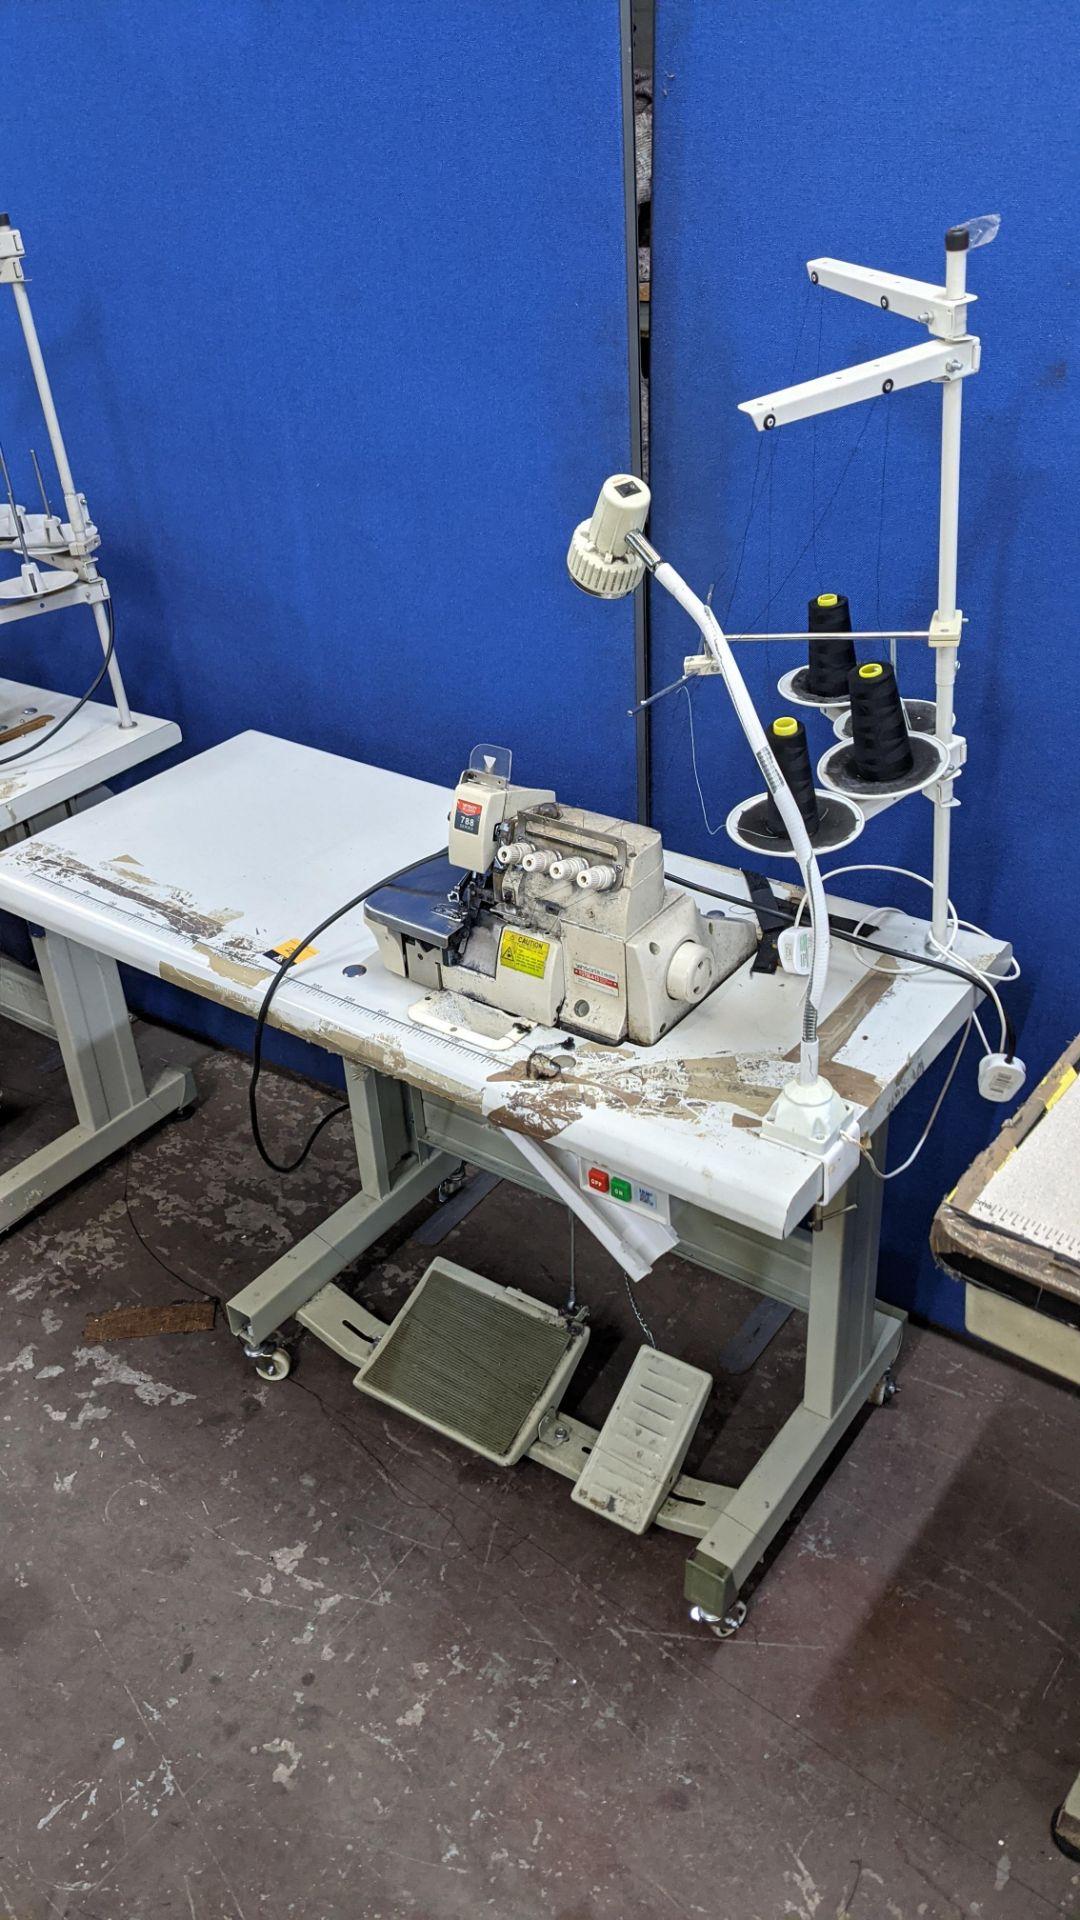 Yingon 788 series overlocker model YG788-4-13 - Image 4 of 16